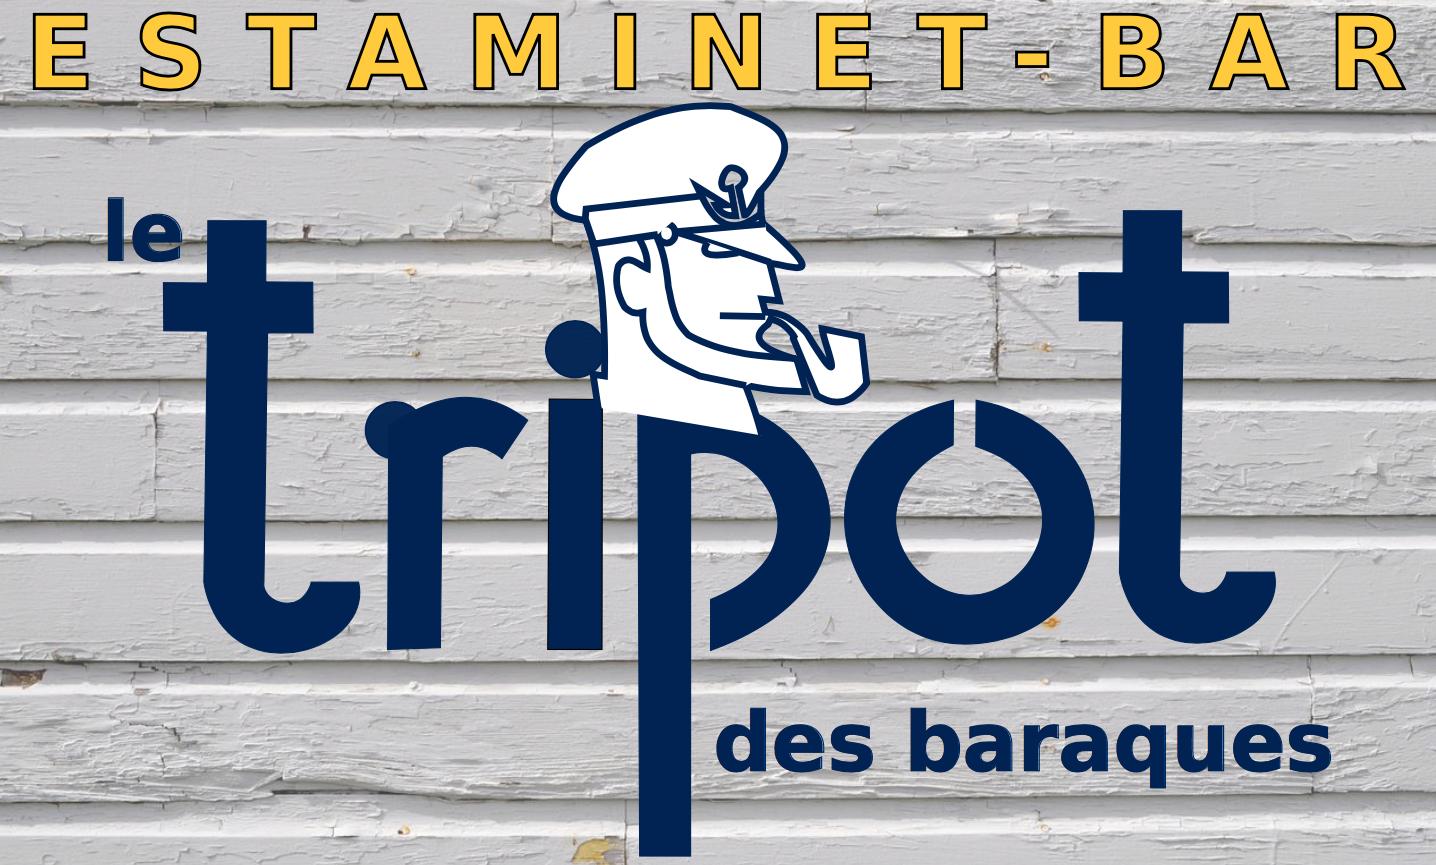 LE TRIPOT DES BARAQUES